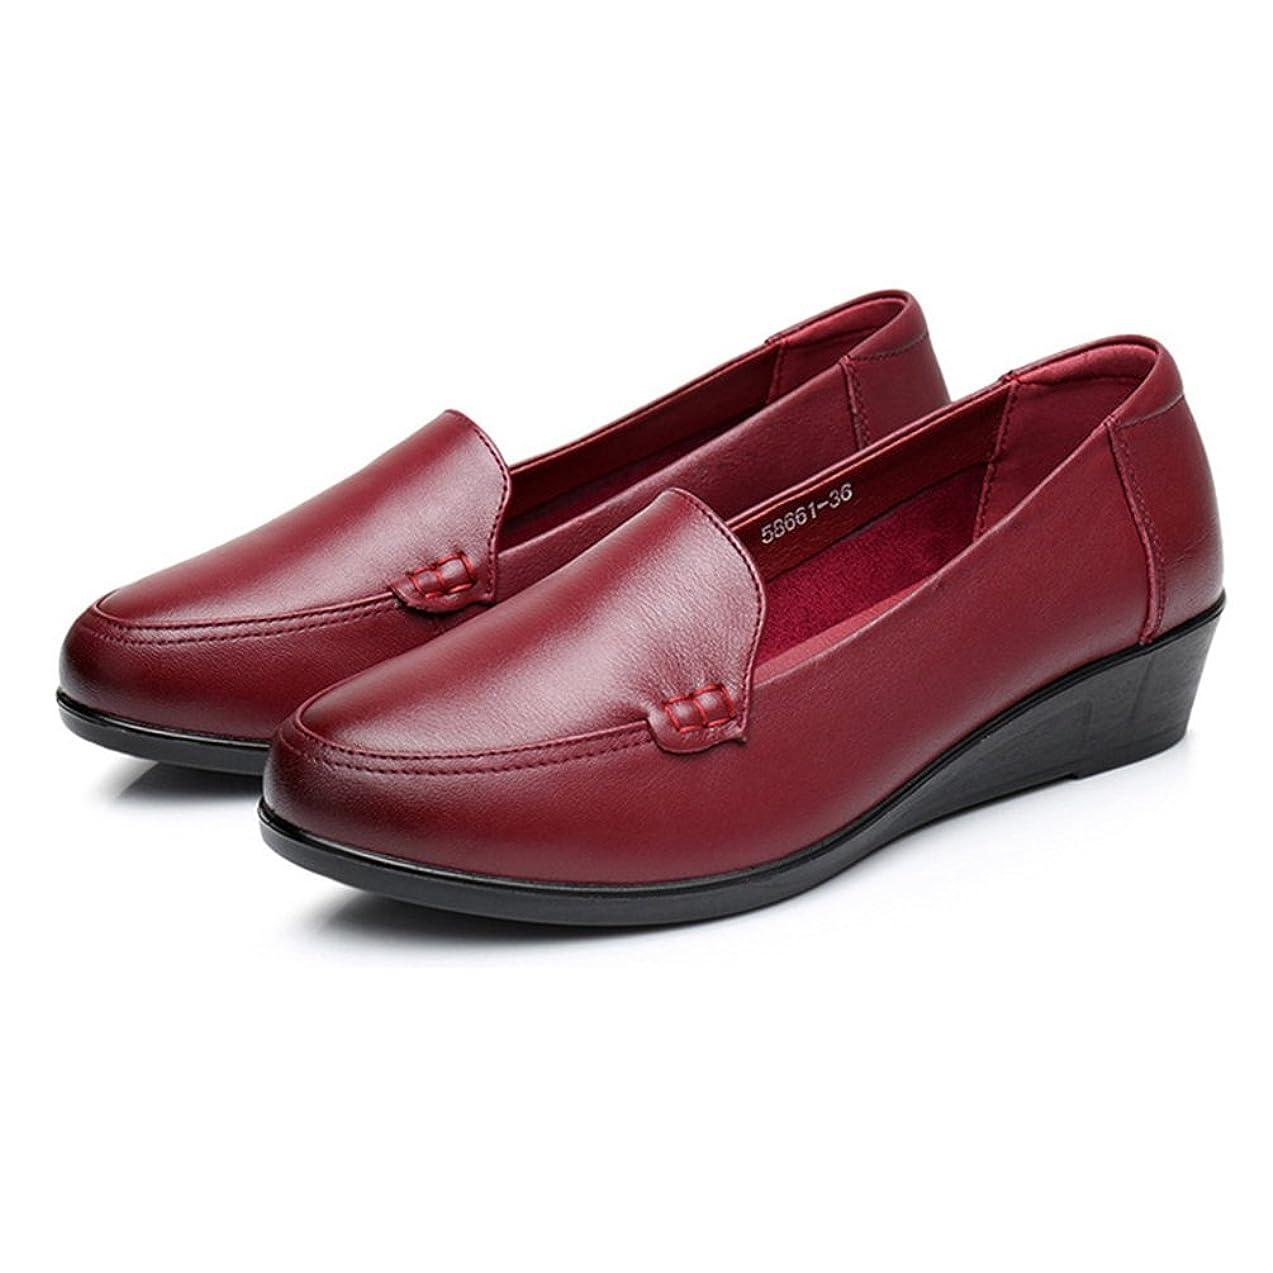 ちらつきブルーベルスナッチ[サニーサニー] パンプス ウェッジソール 婦人靴 レディース ビジネスシューズ 大きいサイズ コンフォート フォーマル 柔らかい カジュアル 普段履き レザー 秋冬 通勤 歩きやすい 防滑 お洒22.5CM-25.5CM レッド/黒